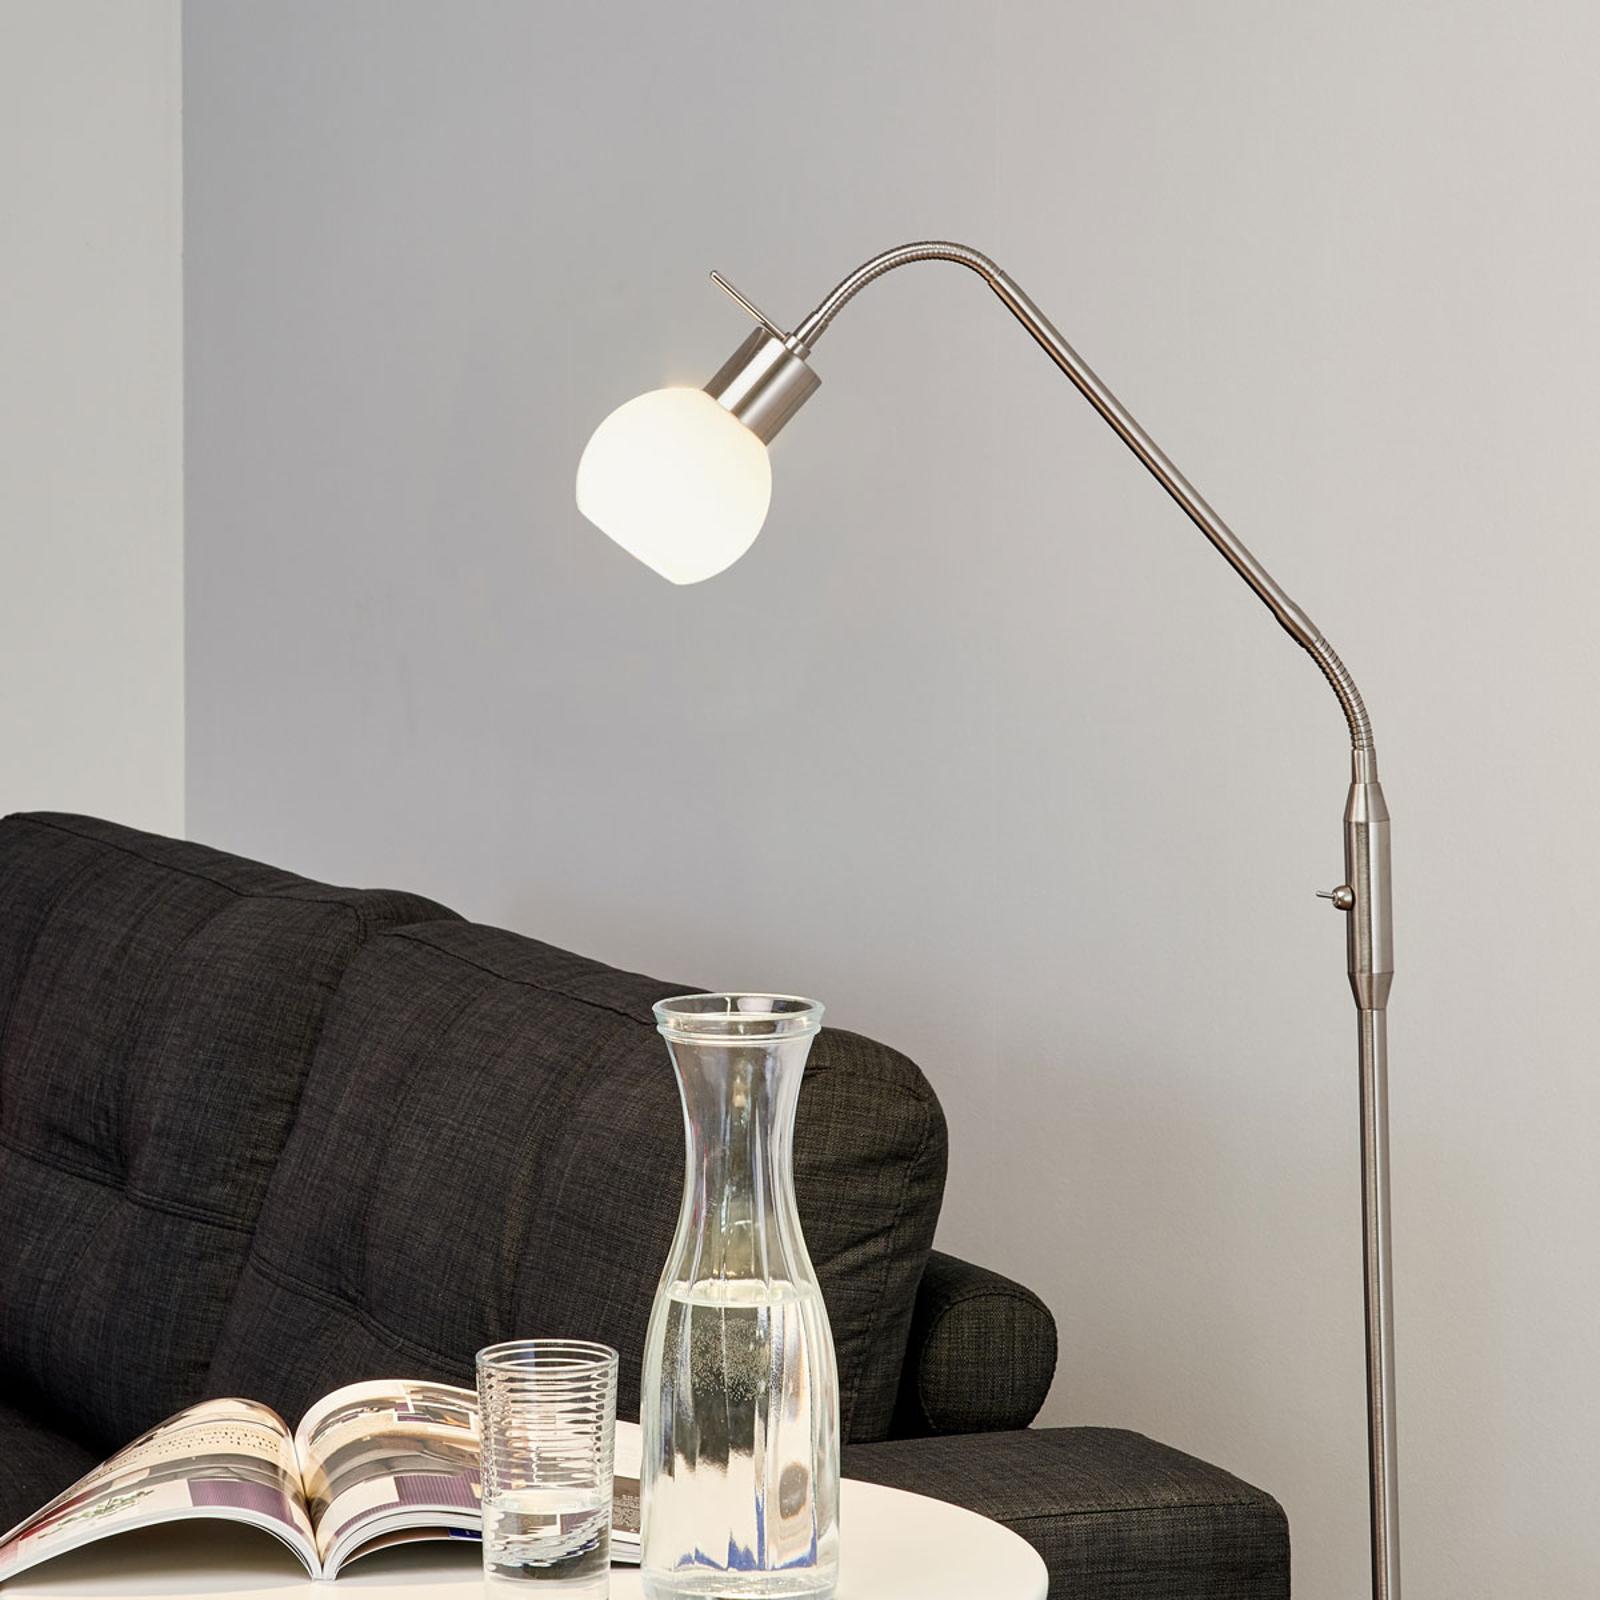 Elaina - lampada LED da terra nichel satinato